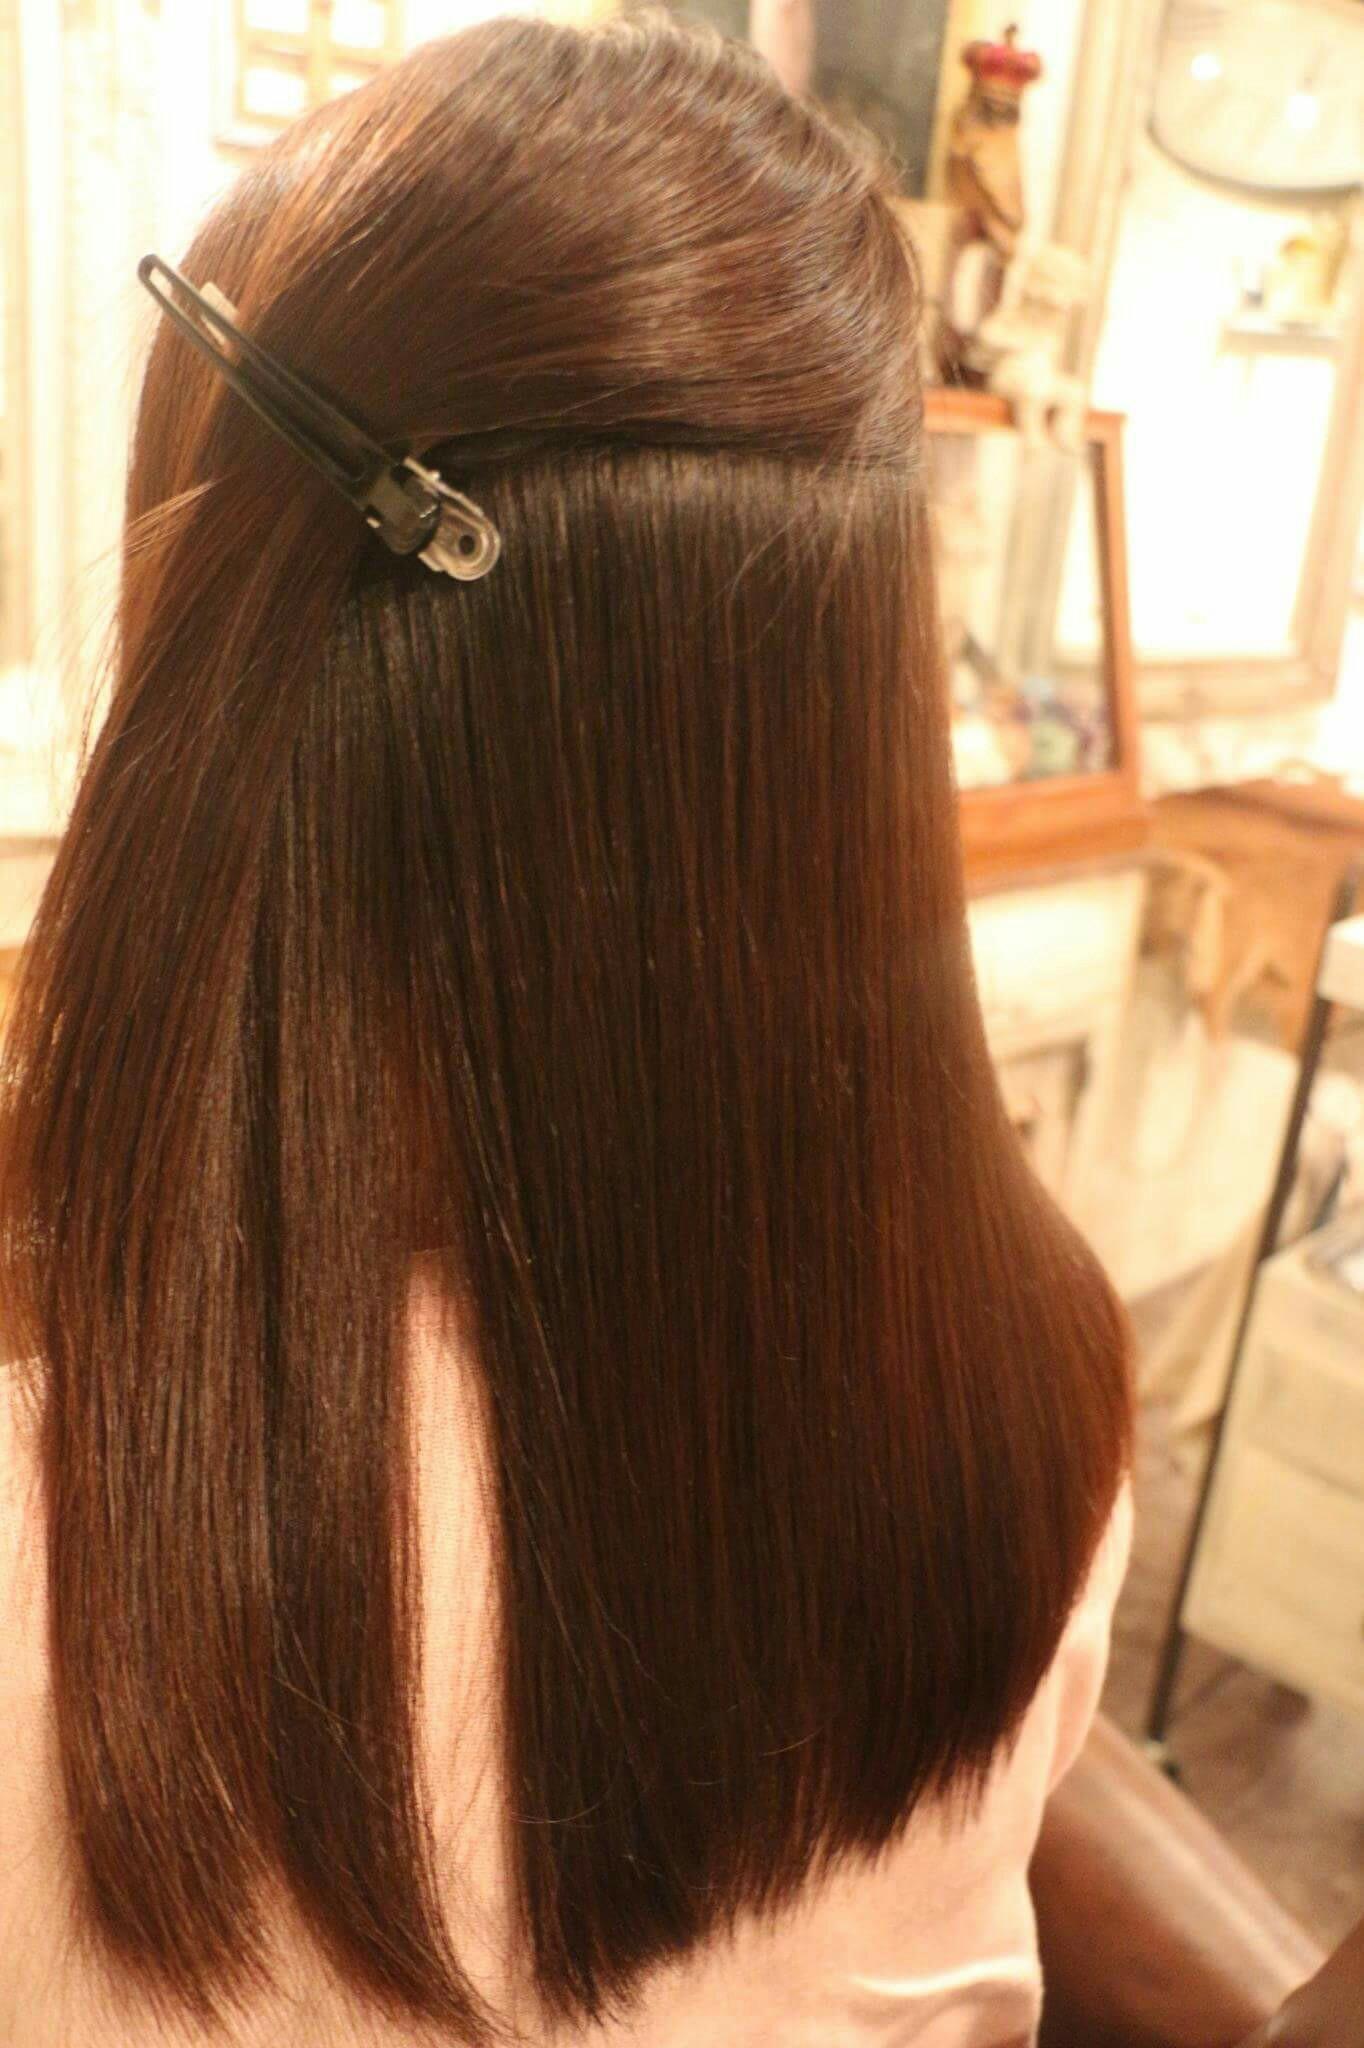 縮毛矯正のリスクを考える。_b0210688_08245337.jpg